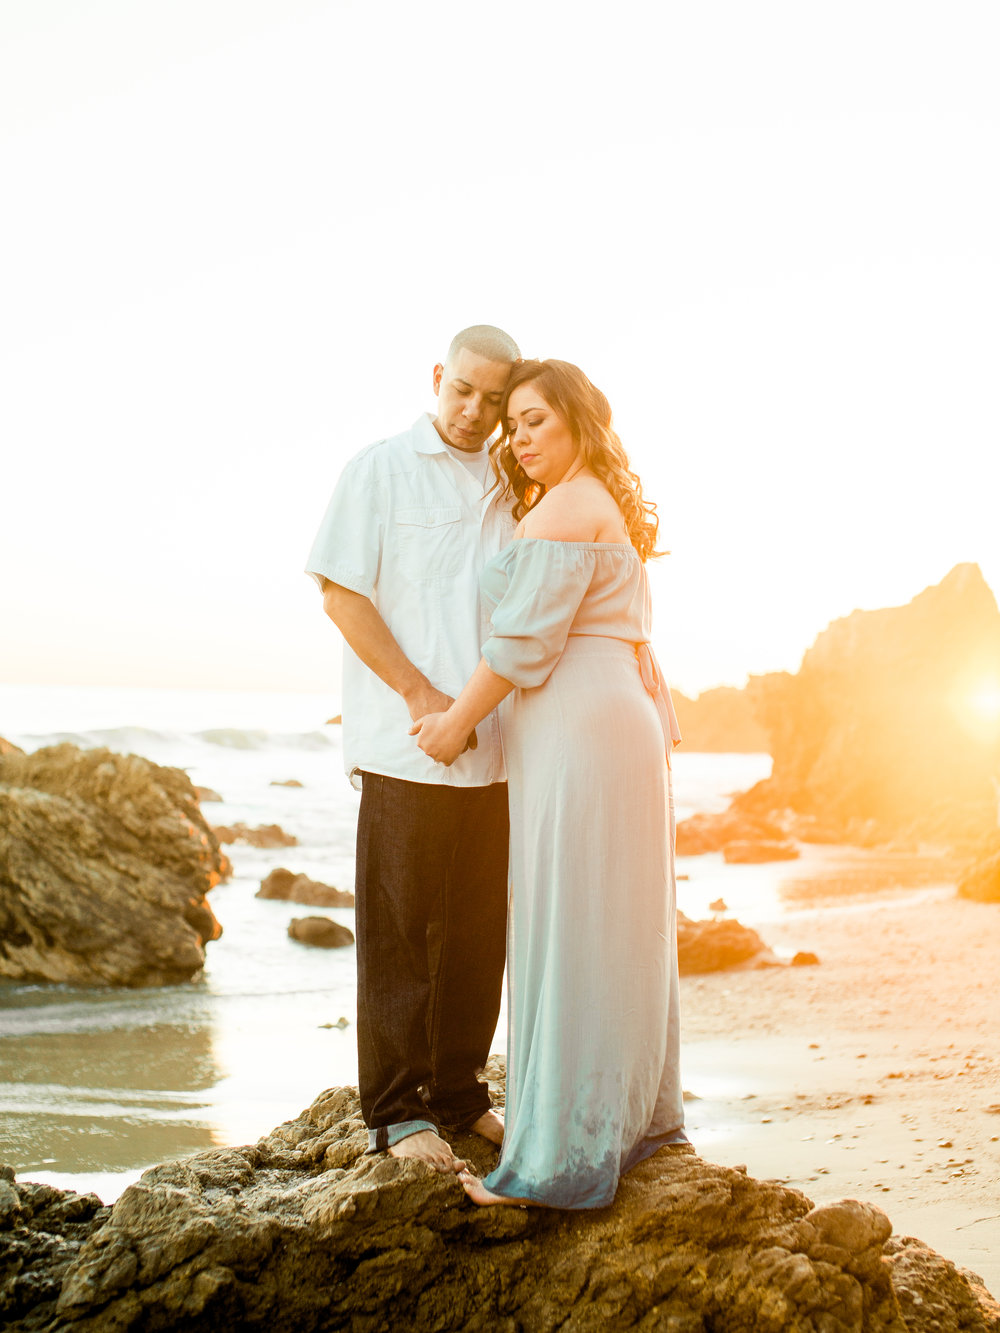 DennisRoyCoronel__LianaAlfredo_Engagement-30.jpg